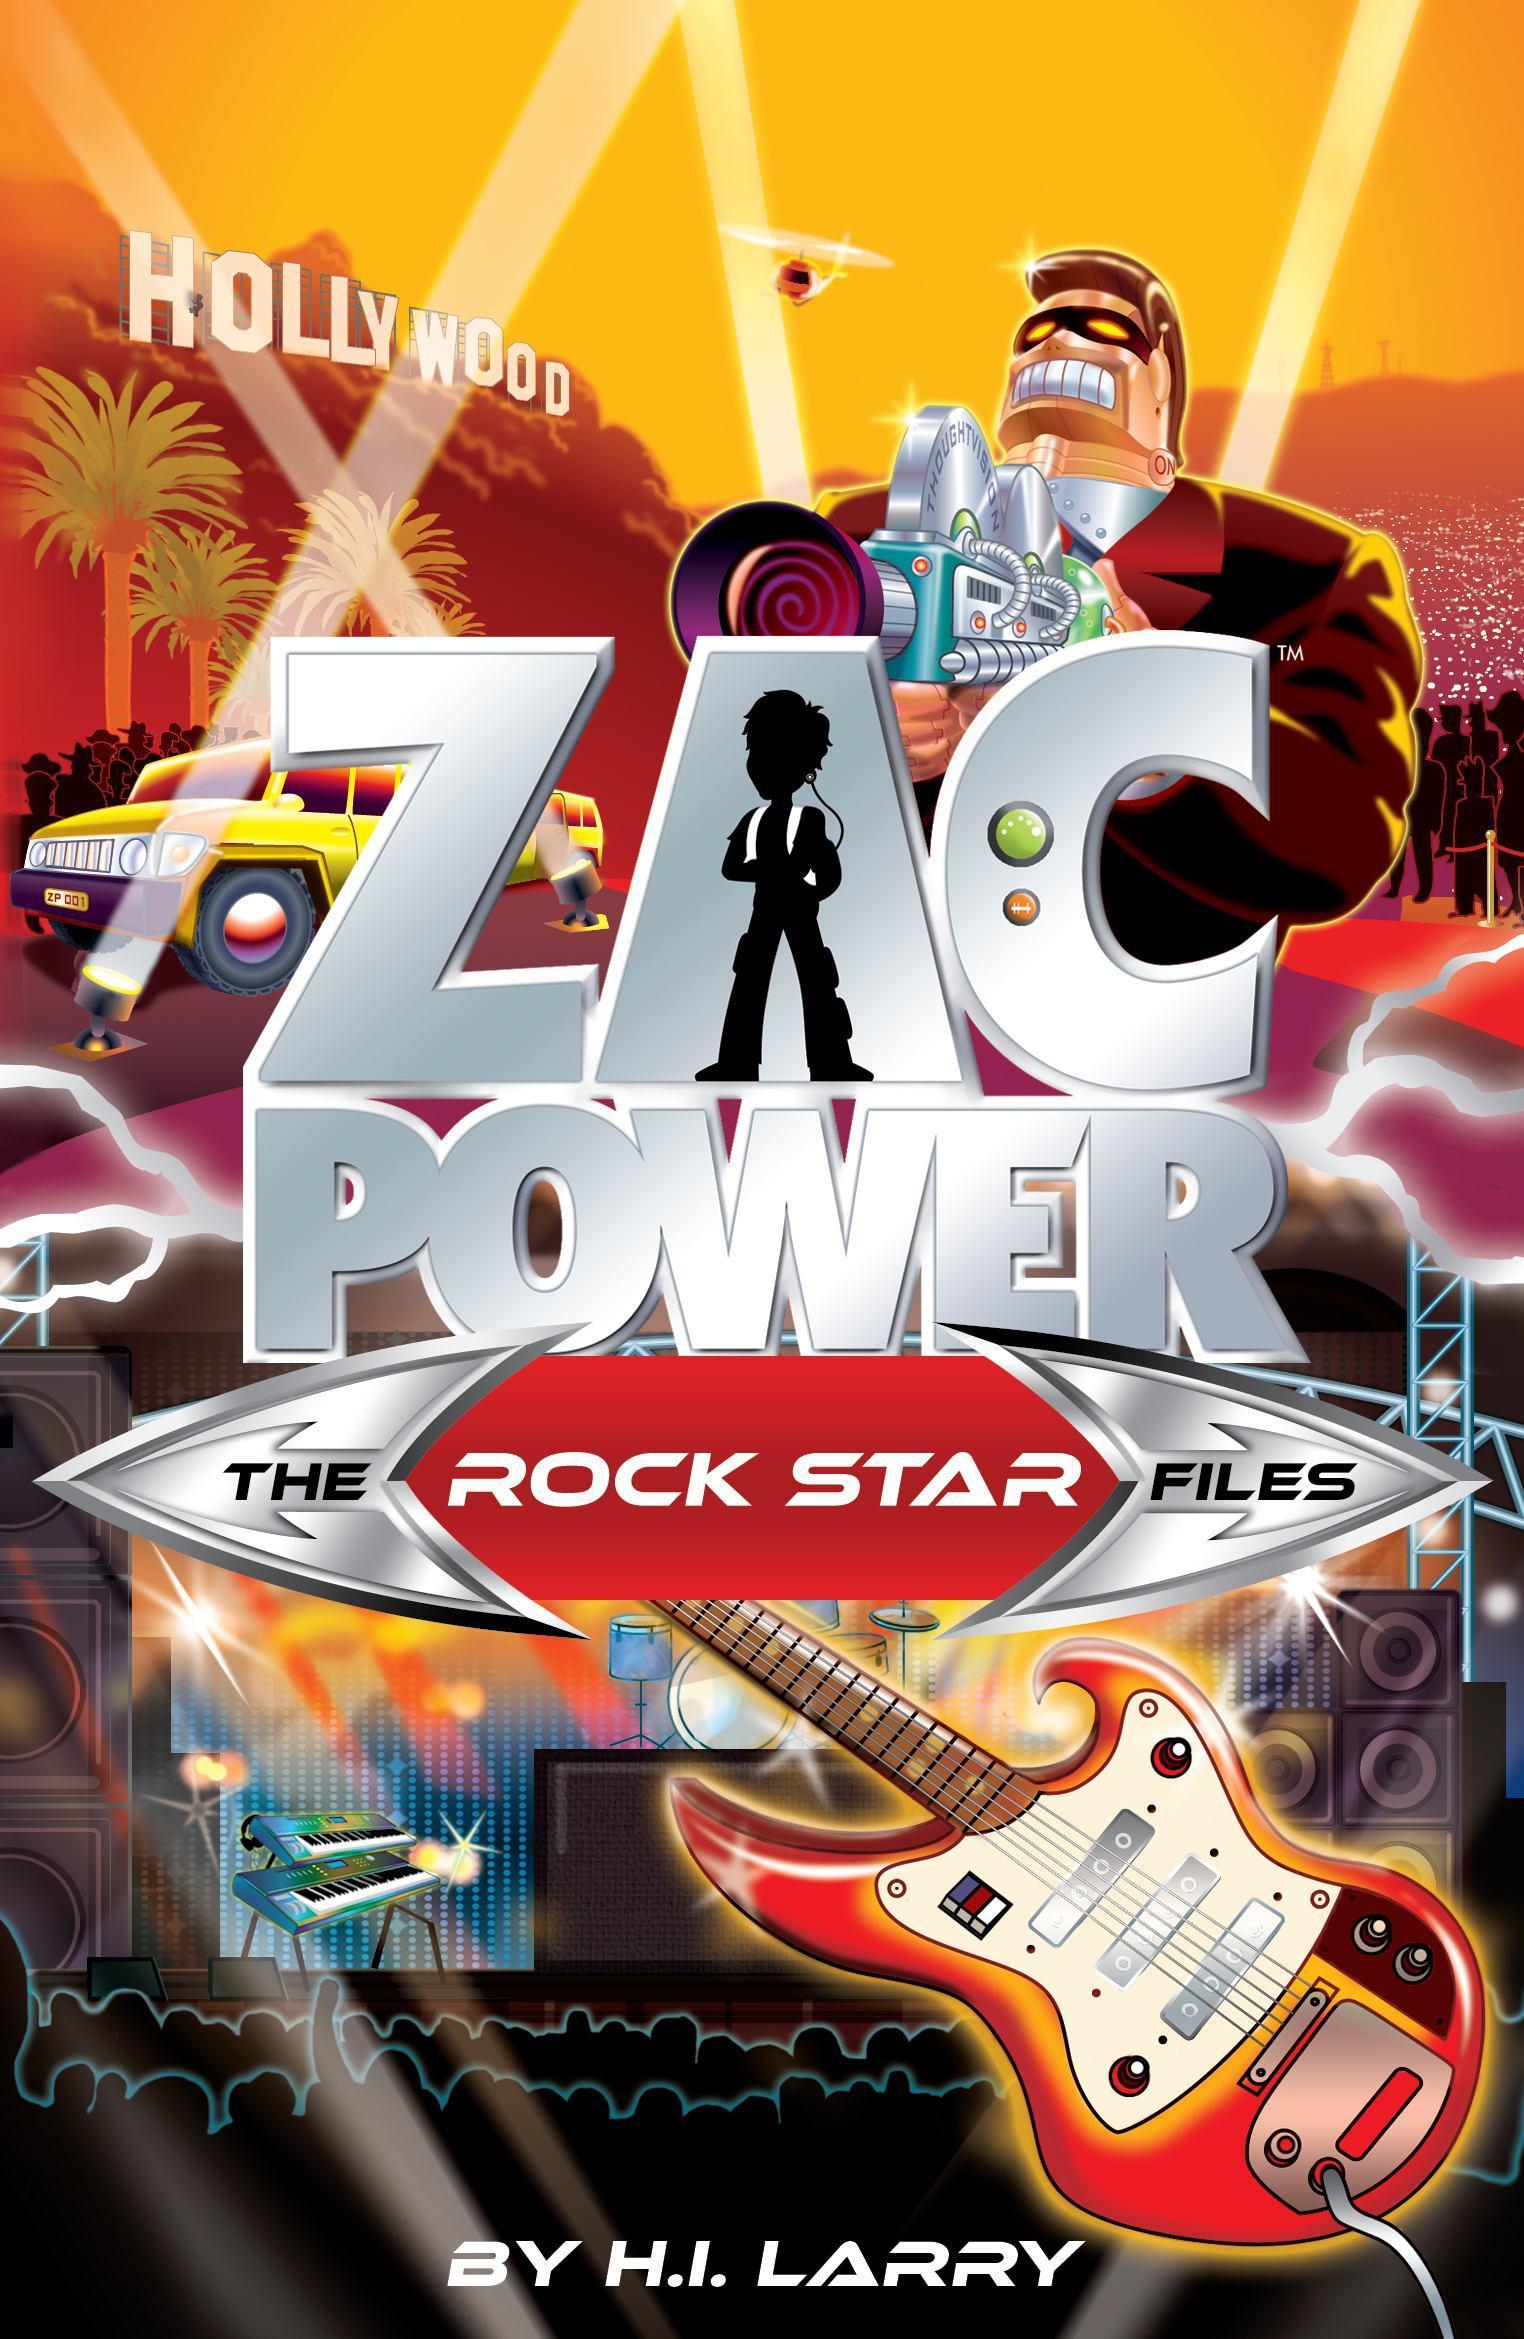 Zac Power: The RockStarFiles